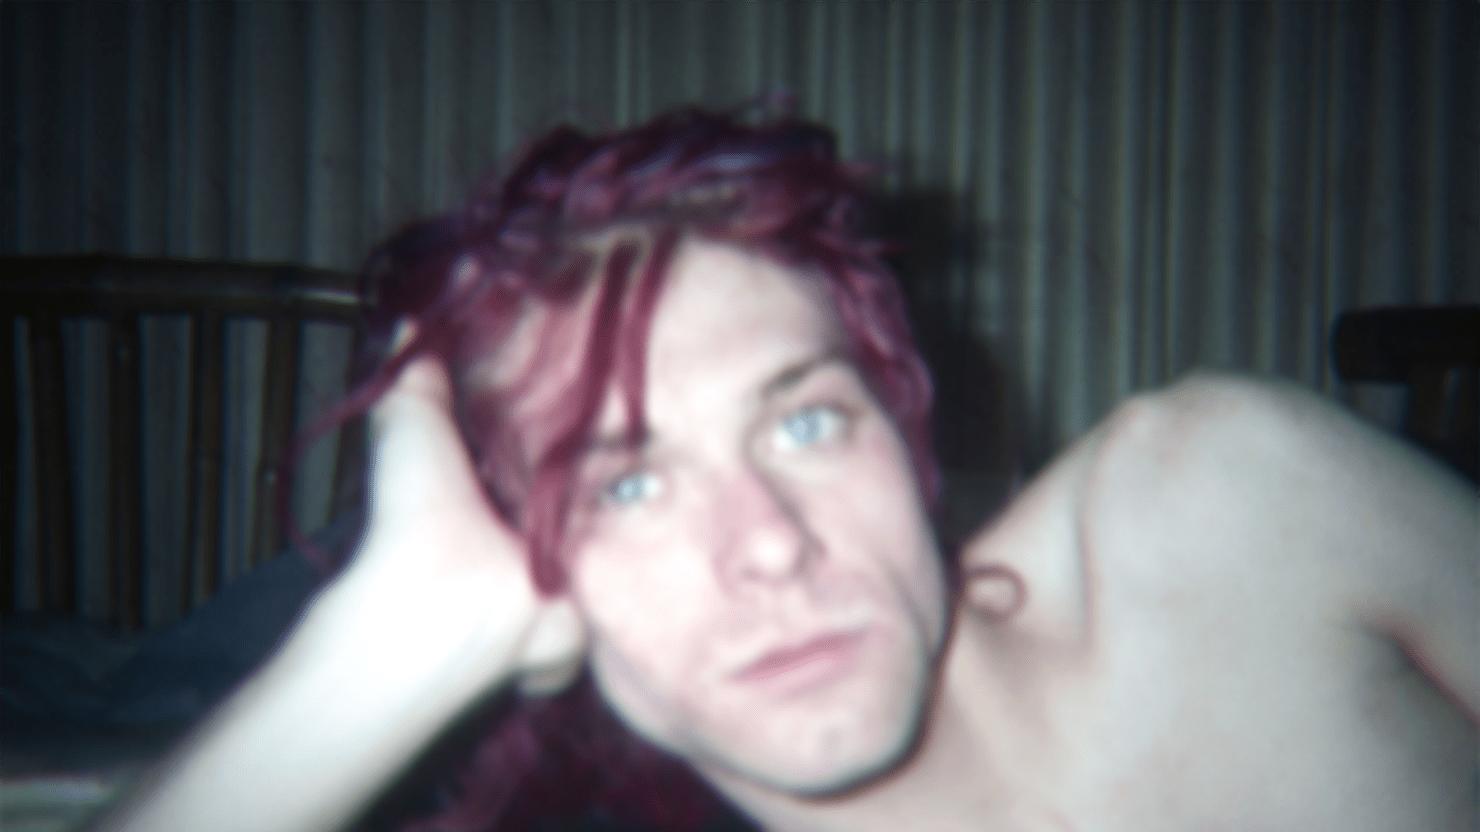 Tribeca Film Festival 2015 Preview: Kurt Cobain, George Lucas, John Oliver, and More